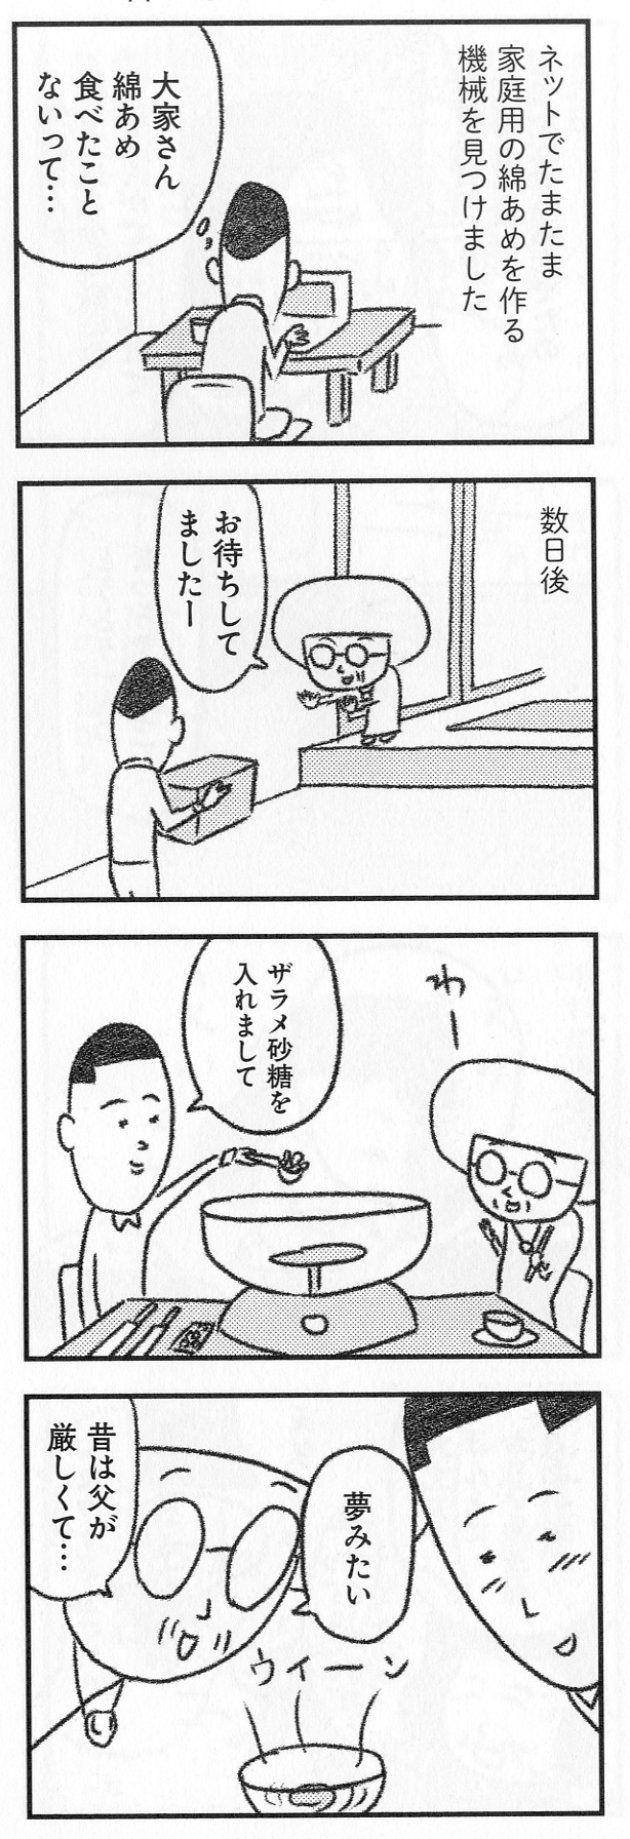 矢部さんは大家さんとの日常を、エッセイ漫画『大家さんと僕』(新潮社)で描いた。